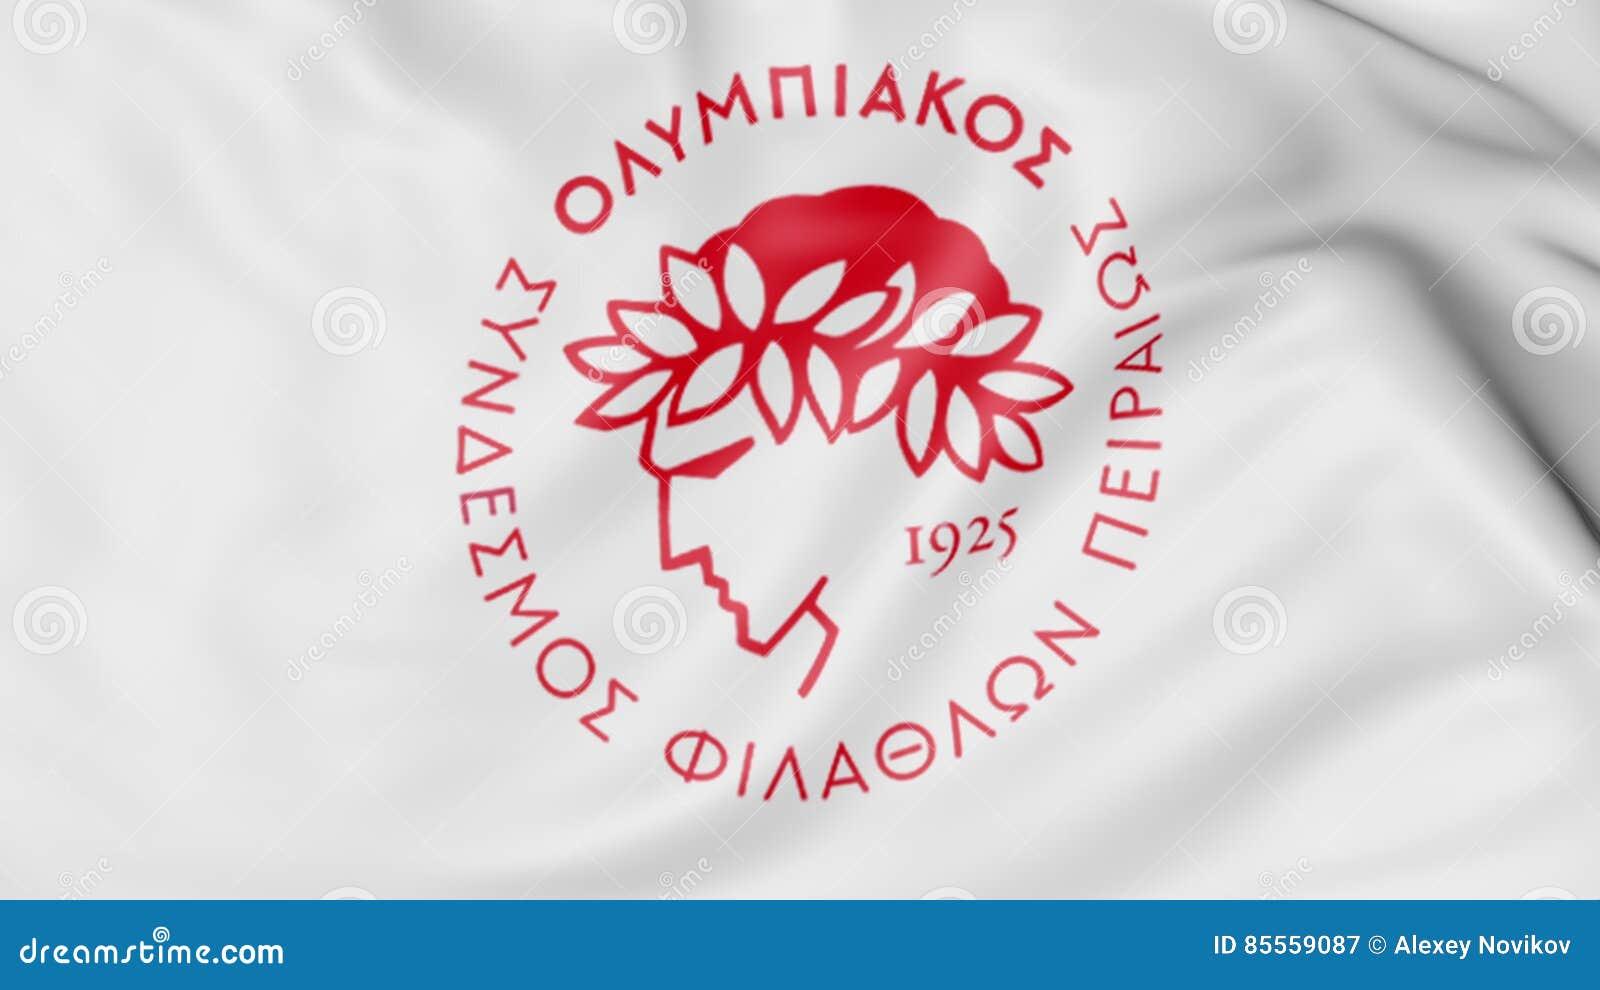 Nahaufnahme der wellenartig bewegenden Flagge mit Olympiakos-Fußball-Vereinlogo, Wiedergabe 3D